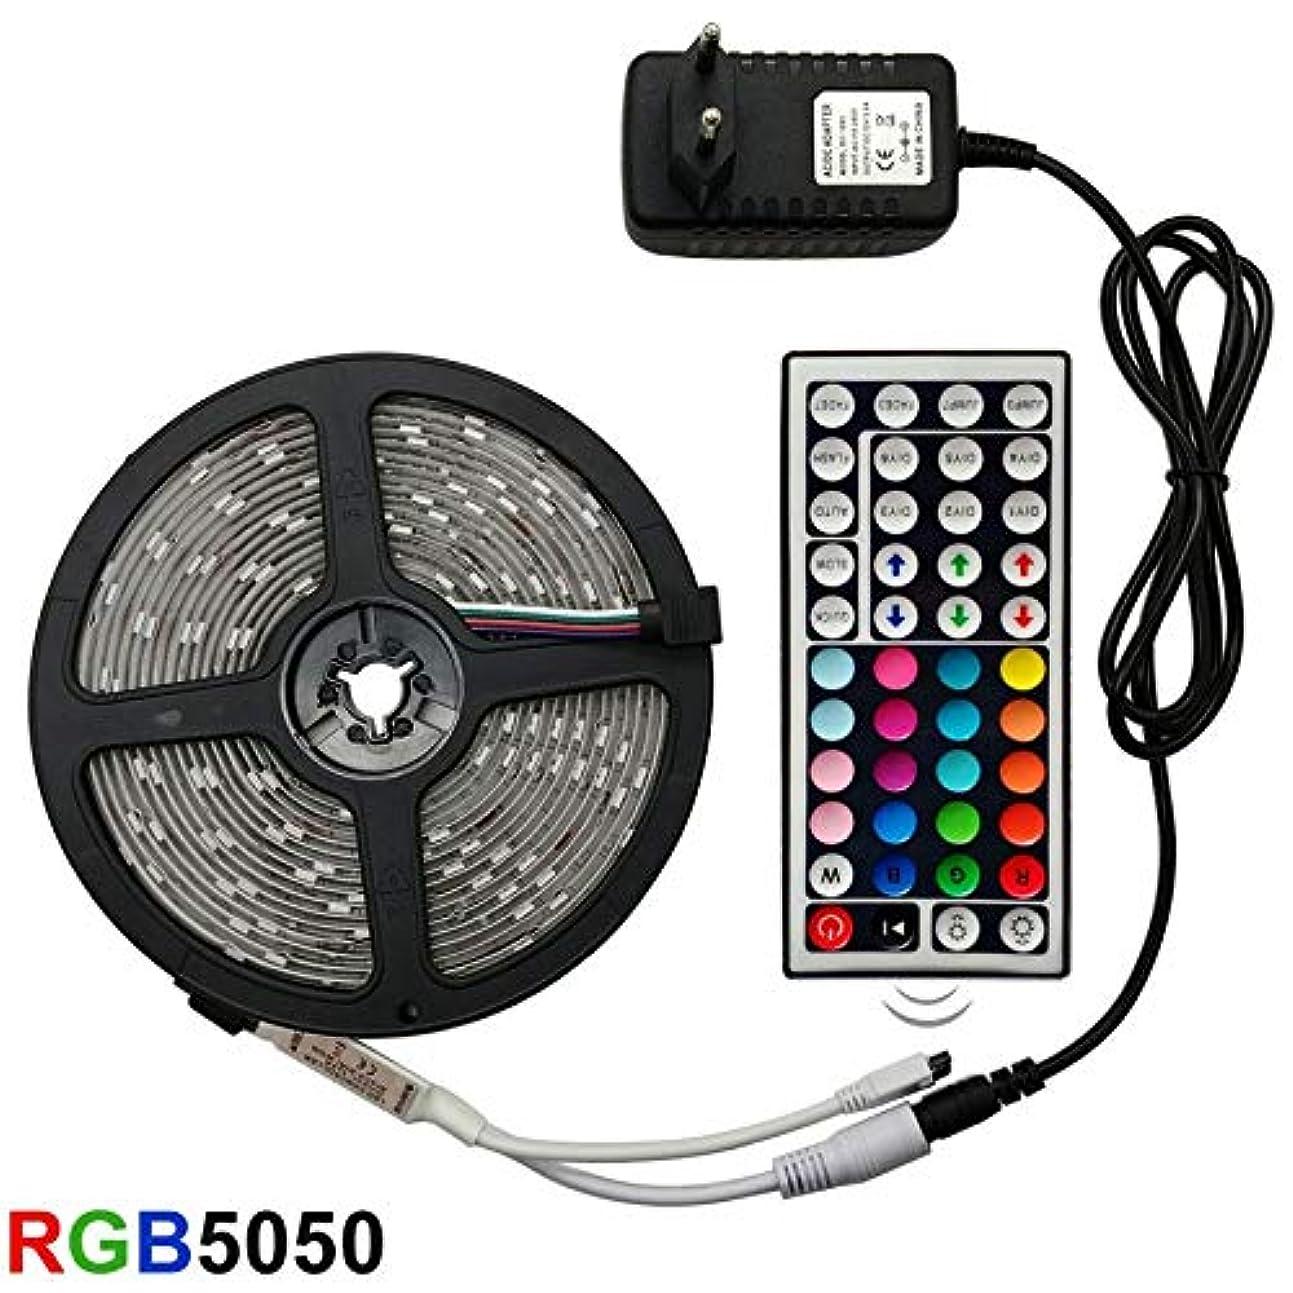 ロッカー本土分盛世汇众 LEDストリップライトRGB 5050 SMD 2835柔軟なリボンフィッタは、光ストリップRGB 5M 10M 15MテープダイオードDC 12V +リモートコントロール+アダプターを主導しました (色 : Waterproof, Emitting Color : RGB 5050)